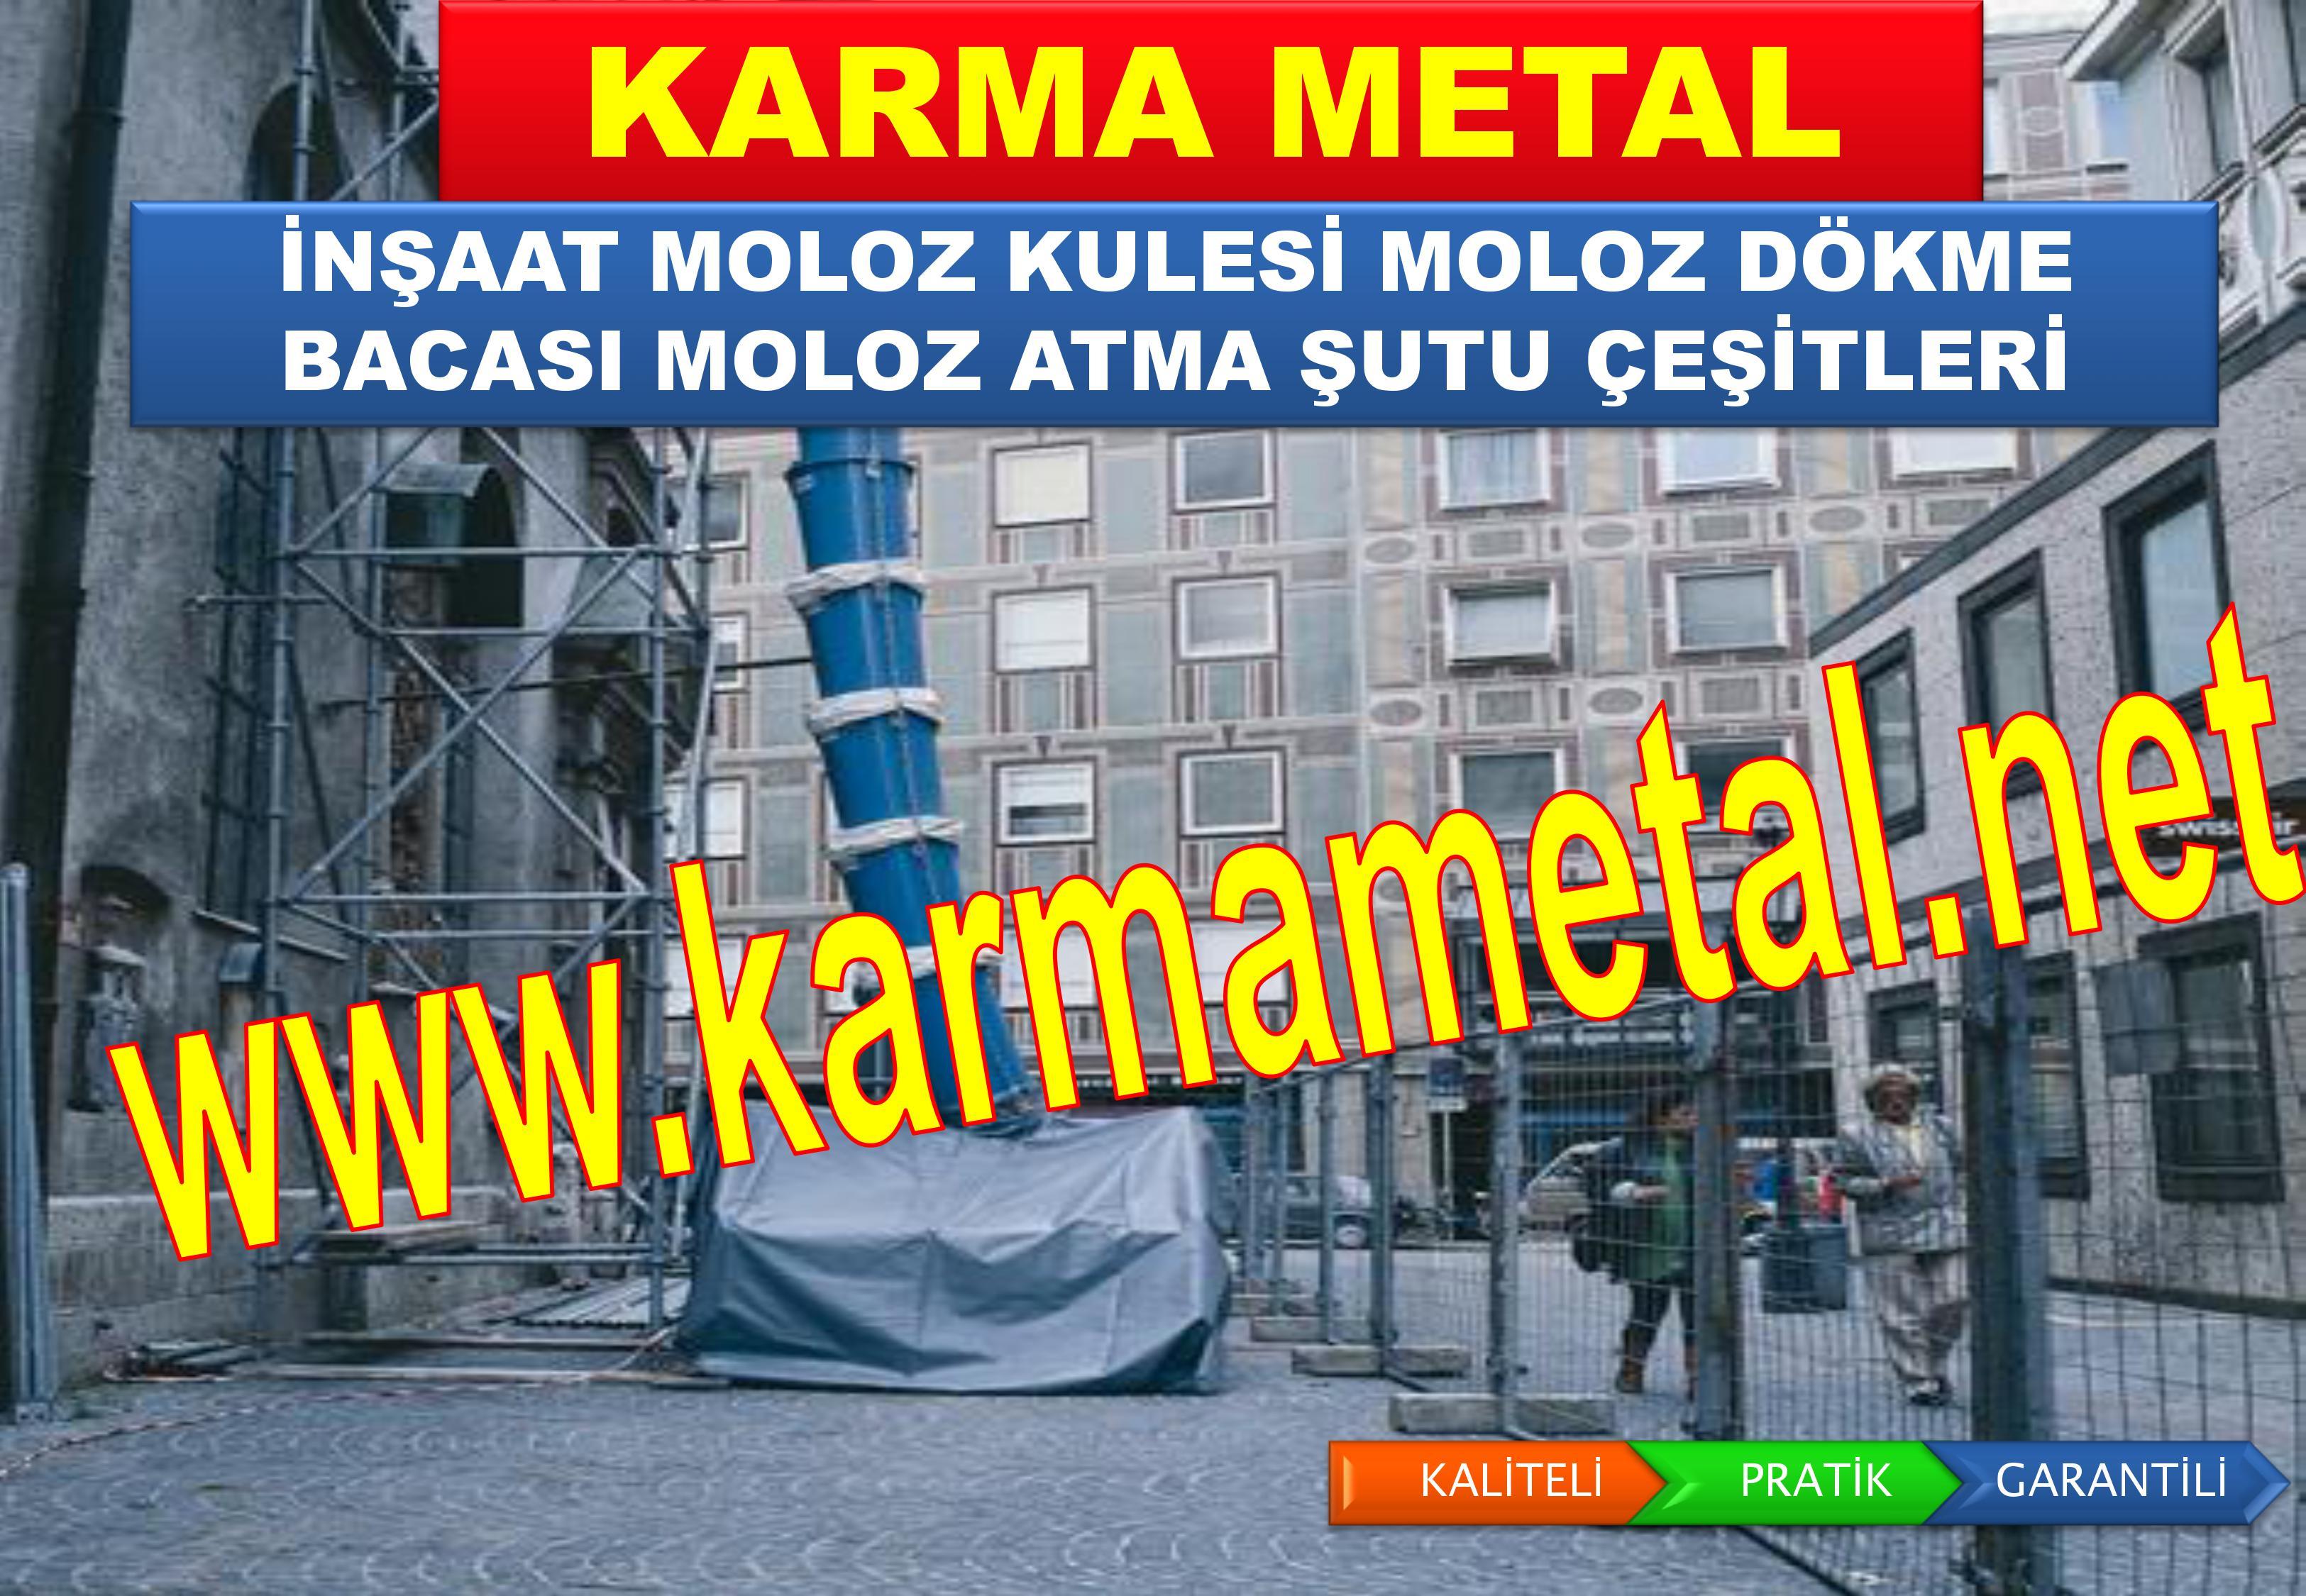 moloz_atma_kulesi_dokme_bacasi_yahliye_borusu_cesitleri_imalati (27)